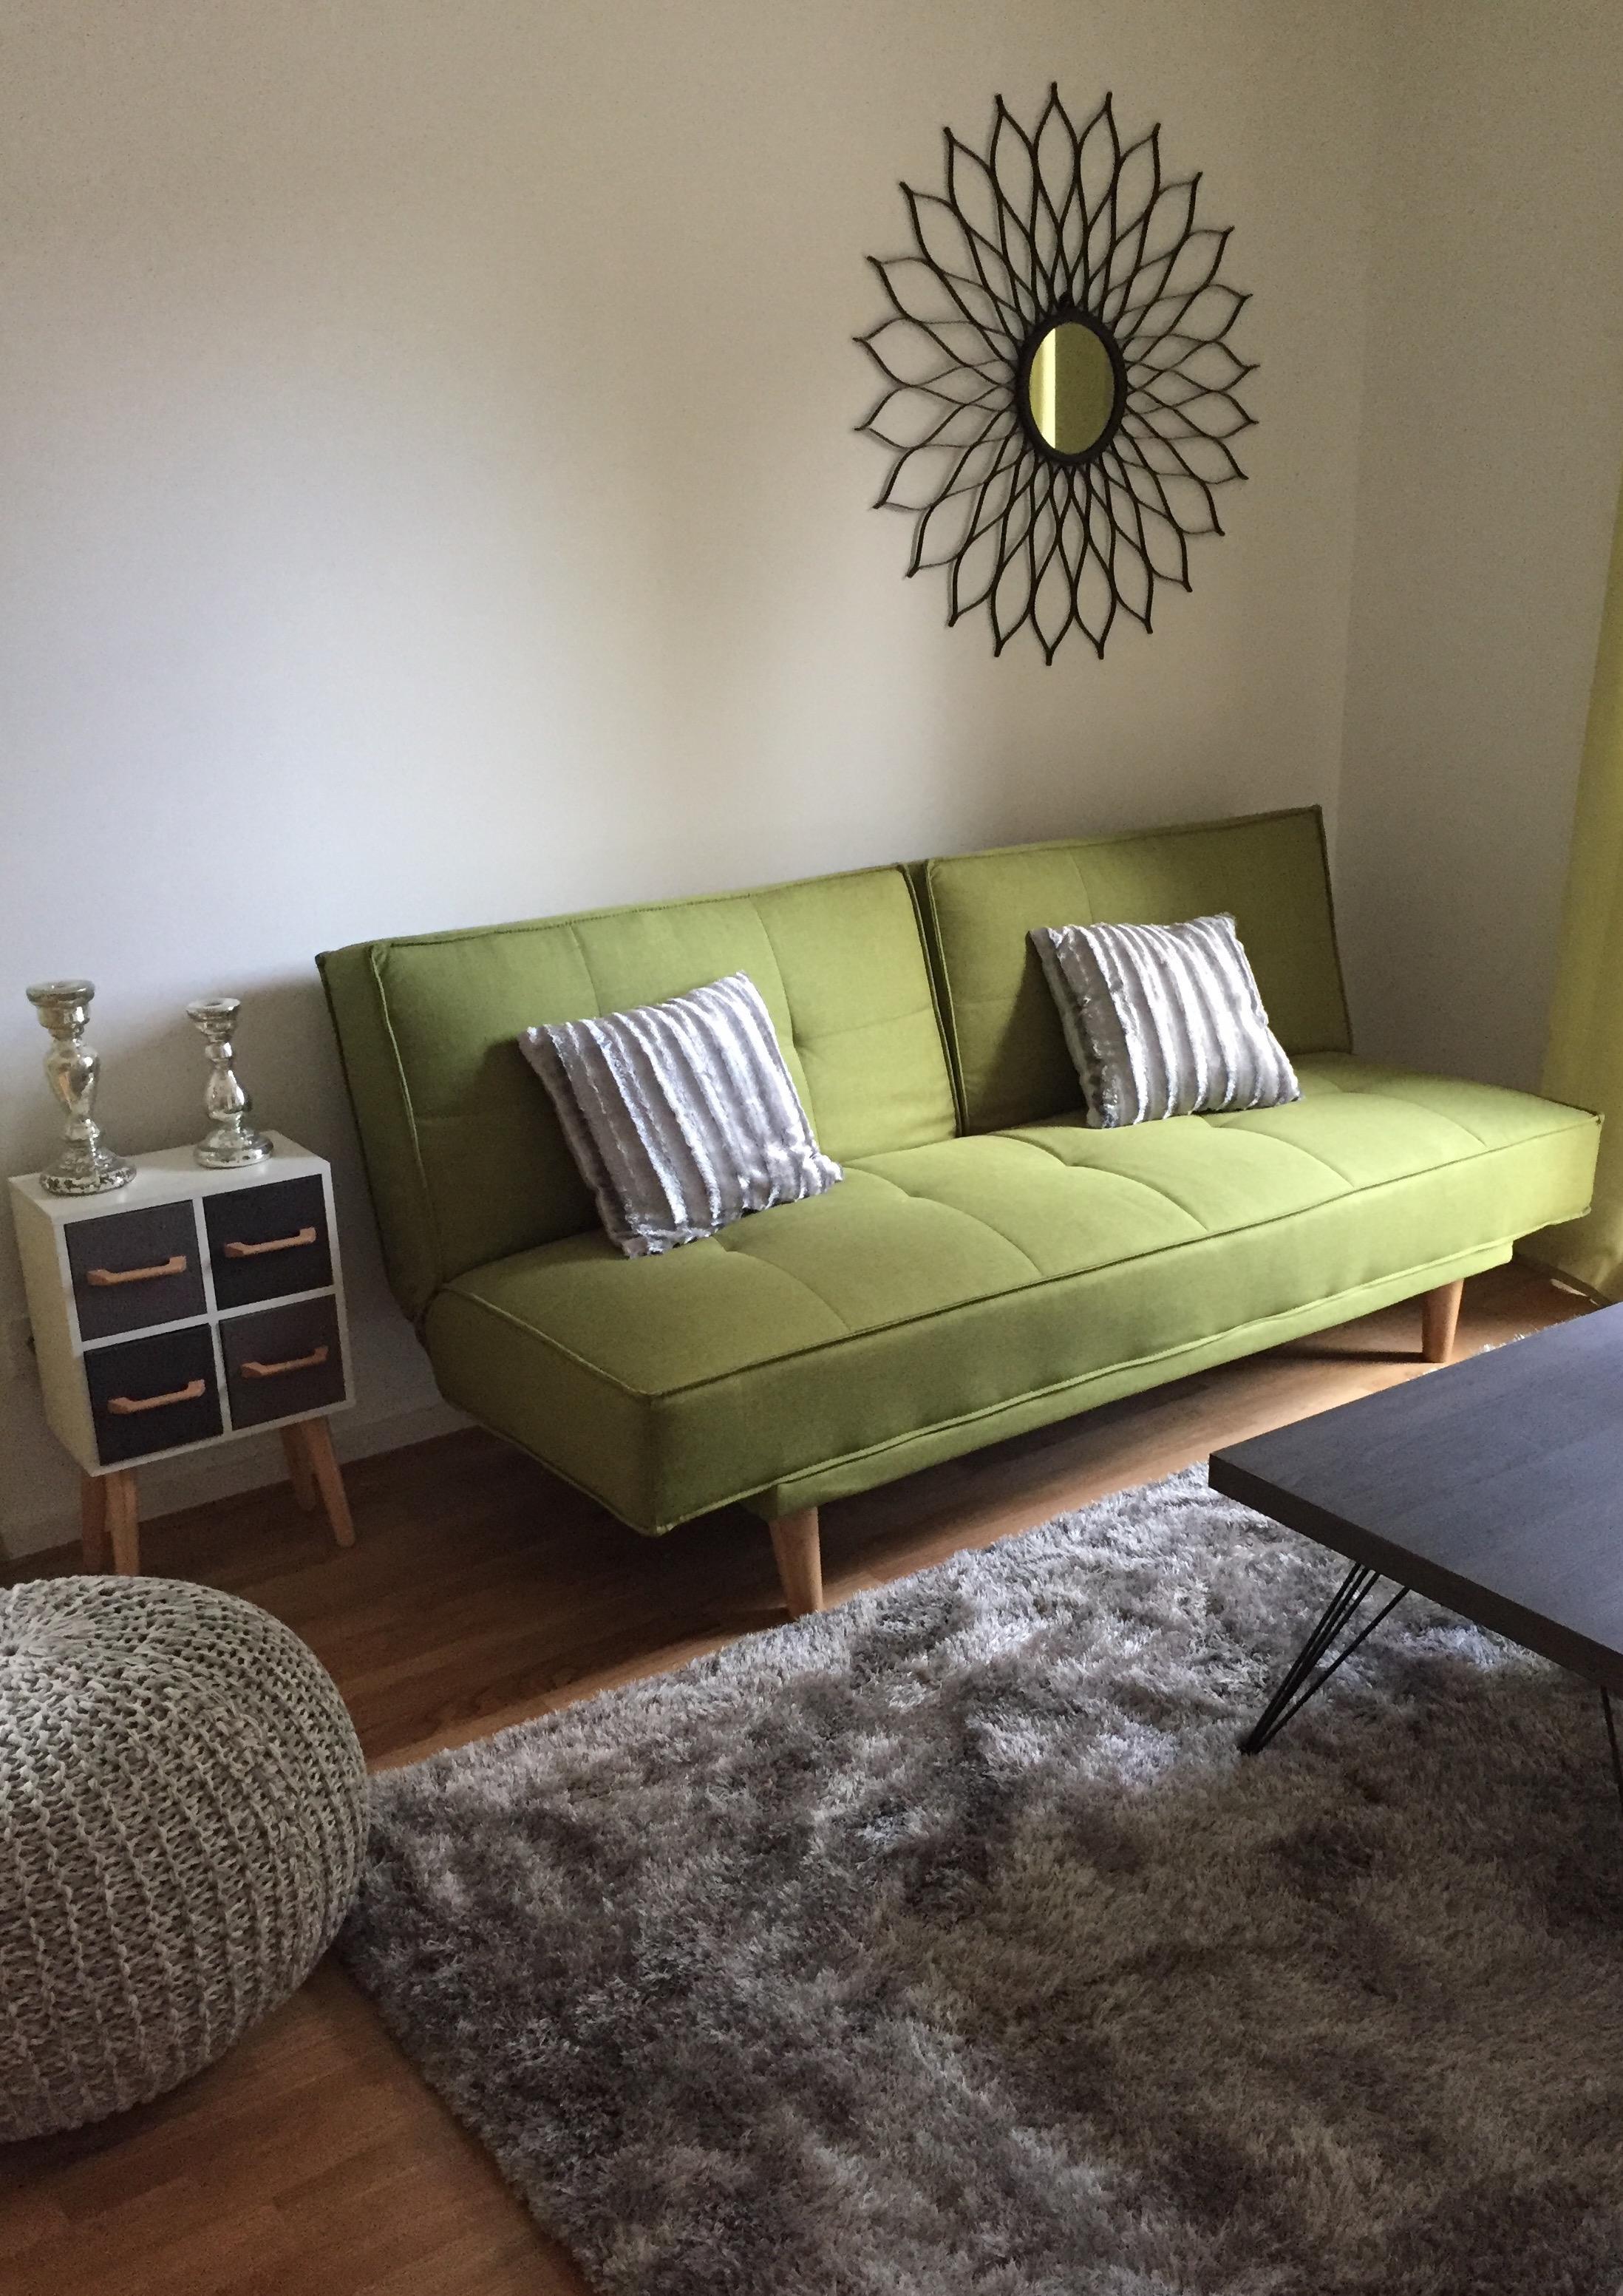 besonderer spiegel bilder ideen couchstyle. Black Bedroom Furniture Sets. Home Design Ideas